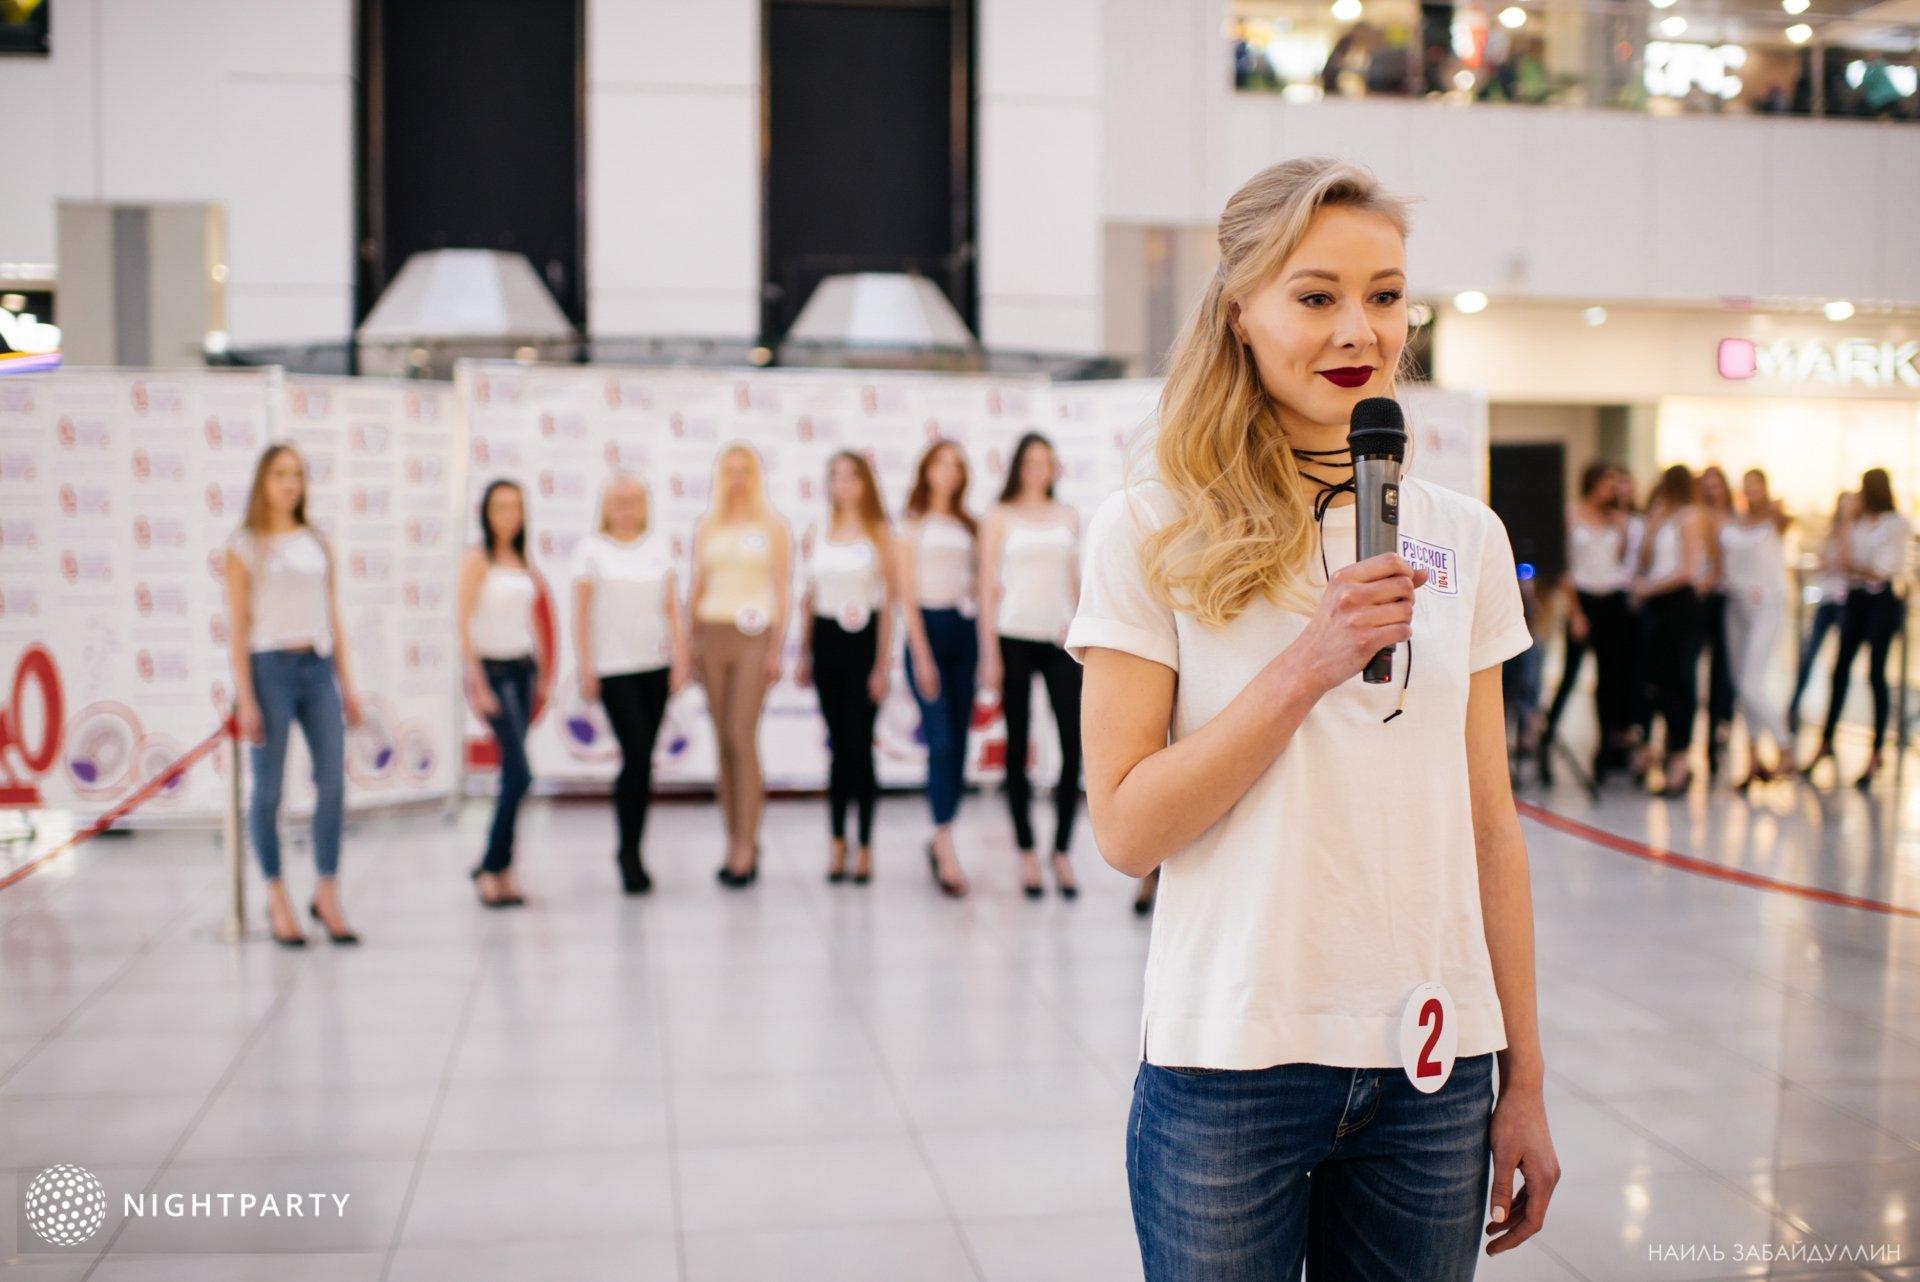 Интервью с русской девушке на кастинге